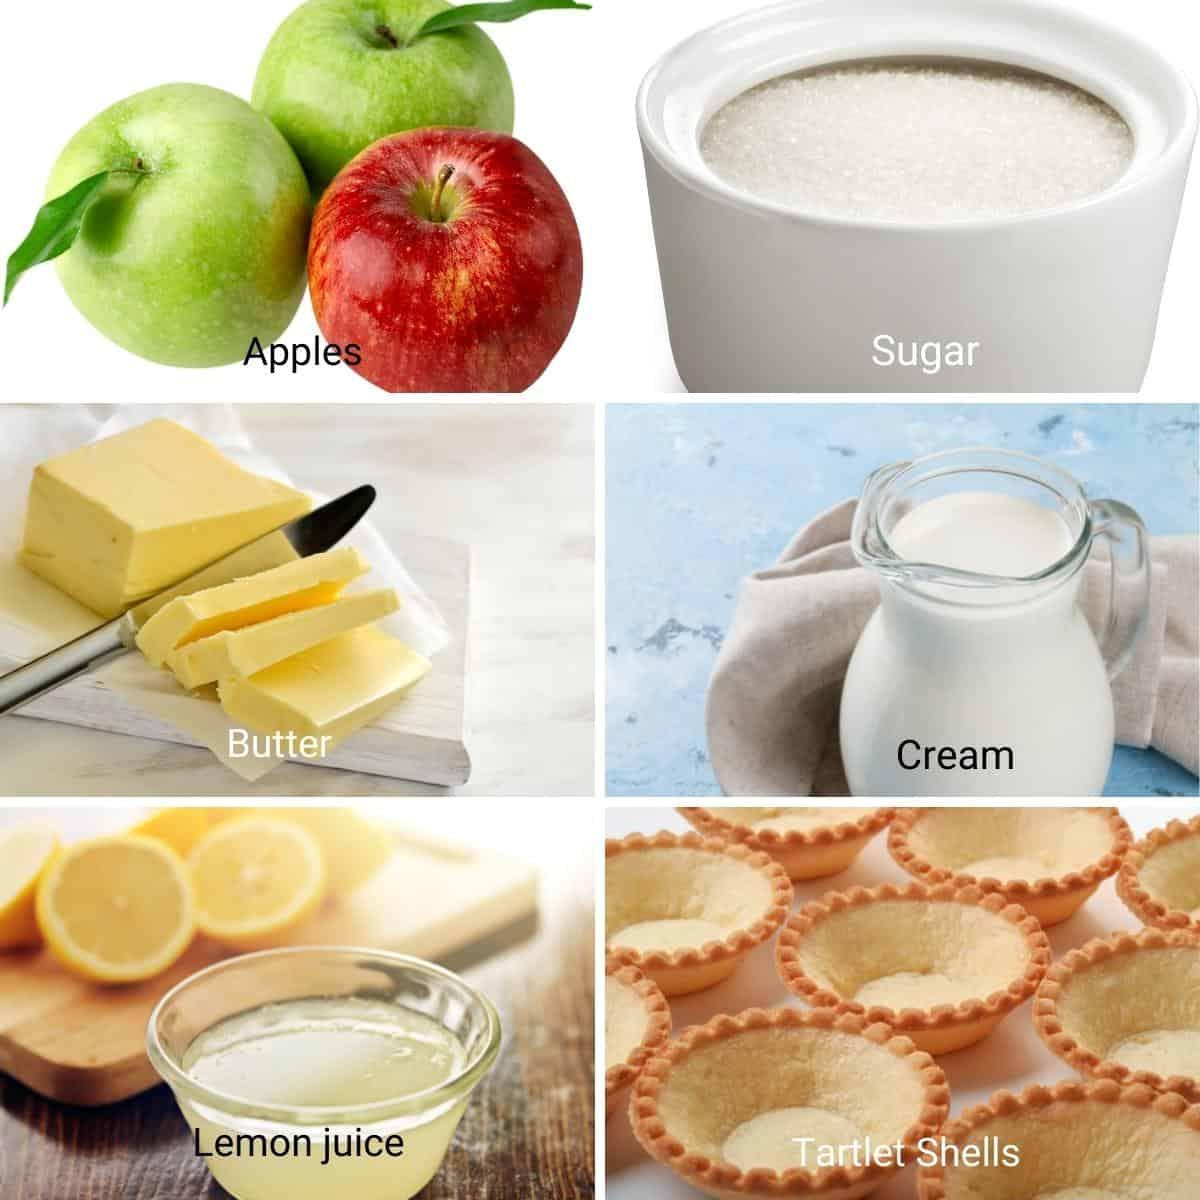 Ingredients for caramel apple tartlets.